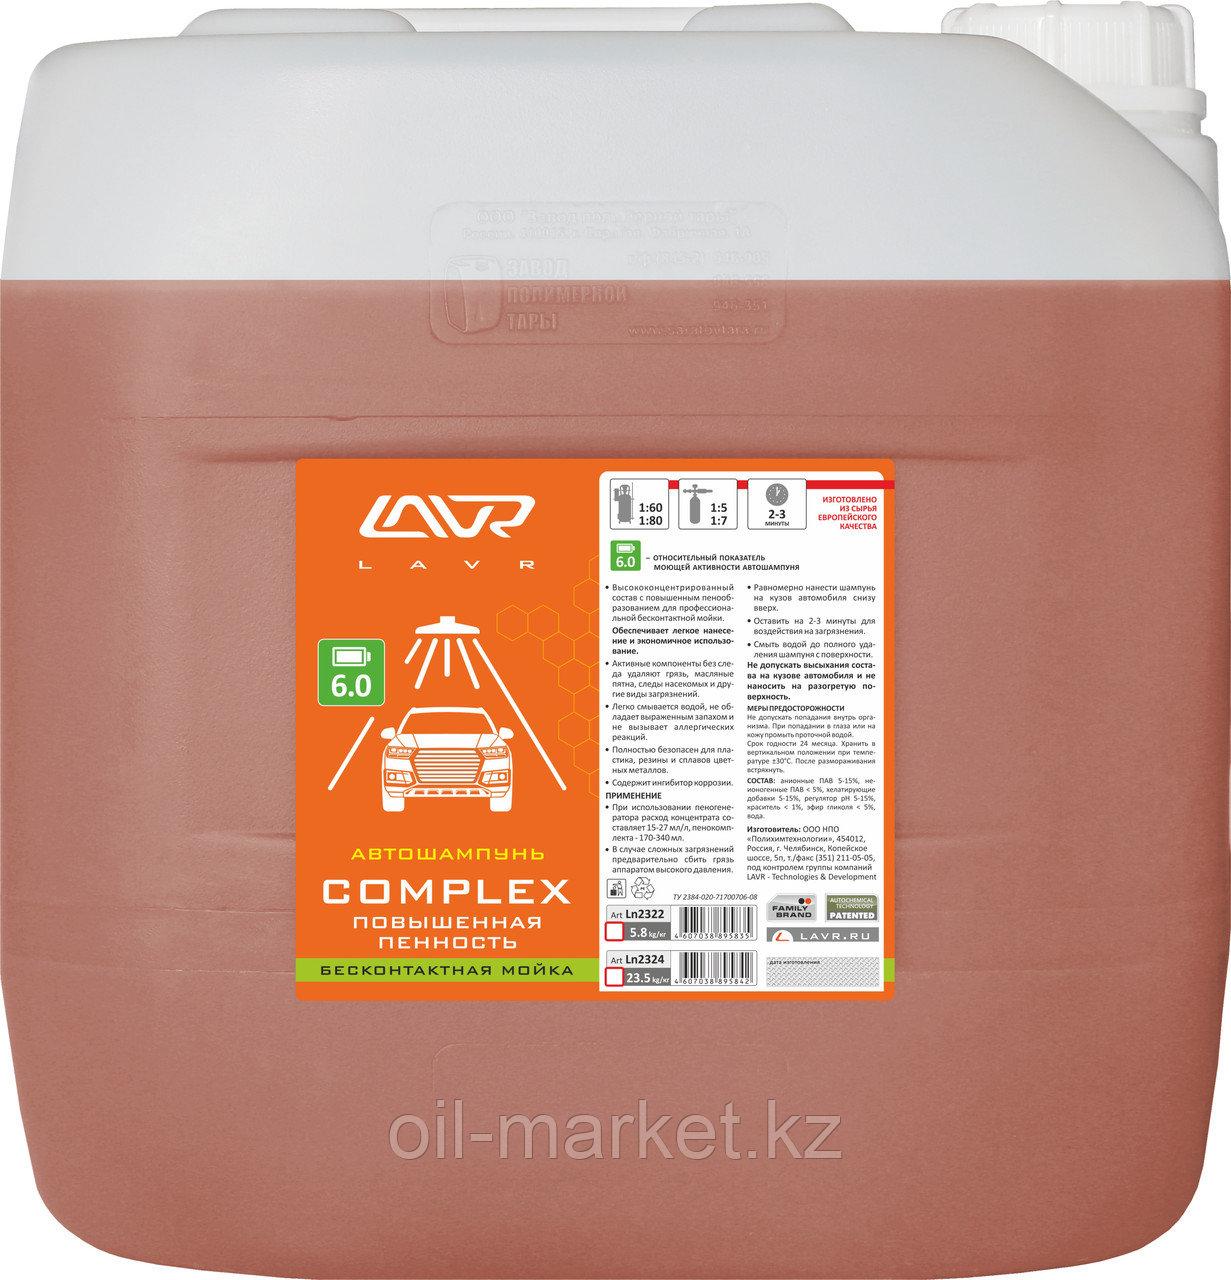 """Автошампунь для бесконтактной мойки """"COMPLEX"""" Повышенная пенность 6.0 (1:50-70) Auto Shampoo Complex 23,5 кг"""